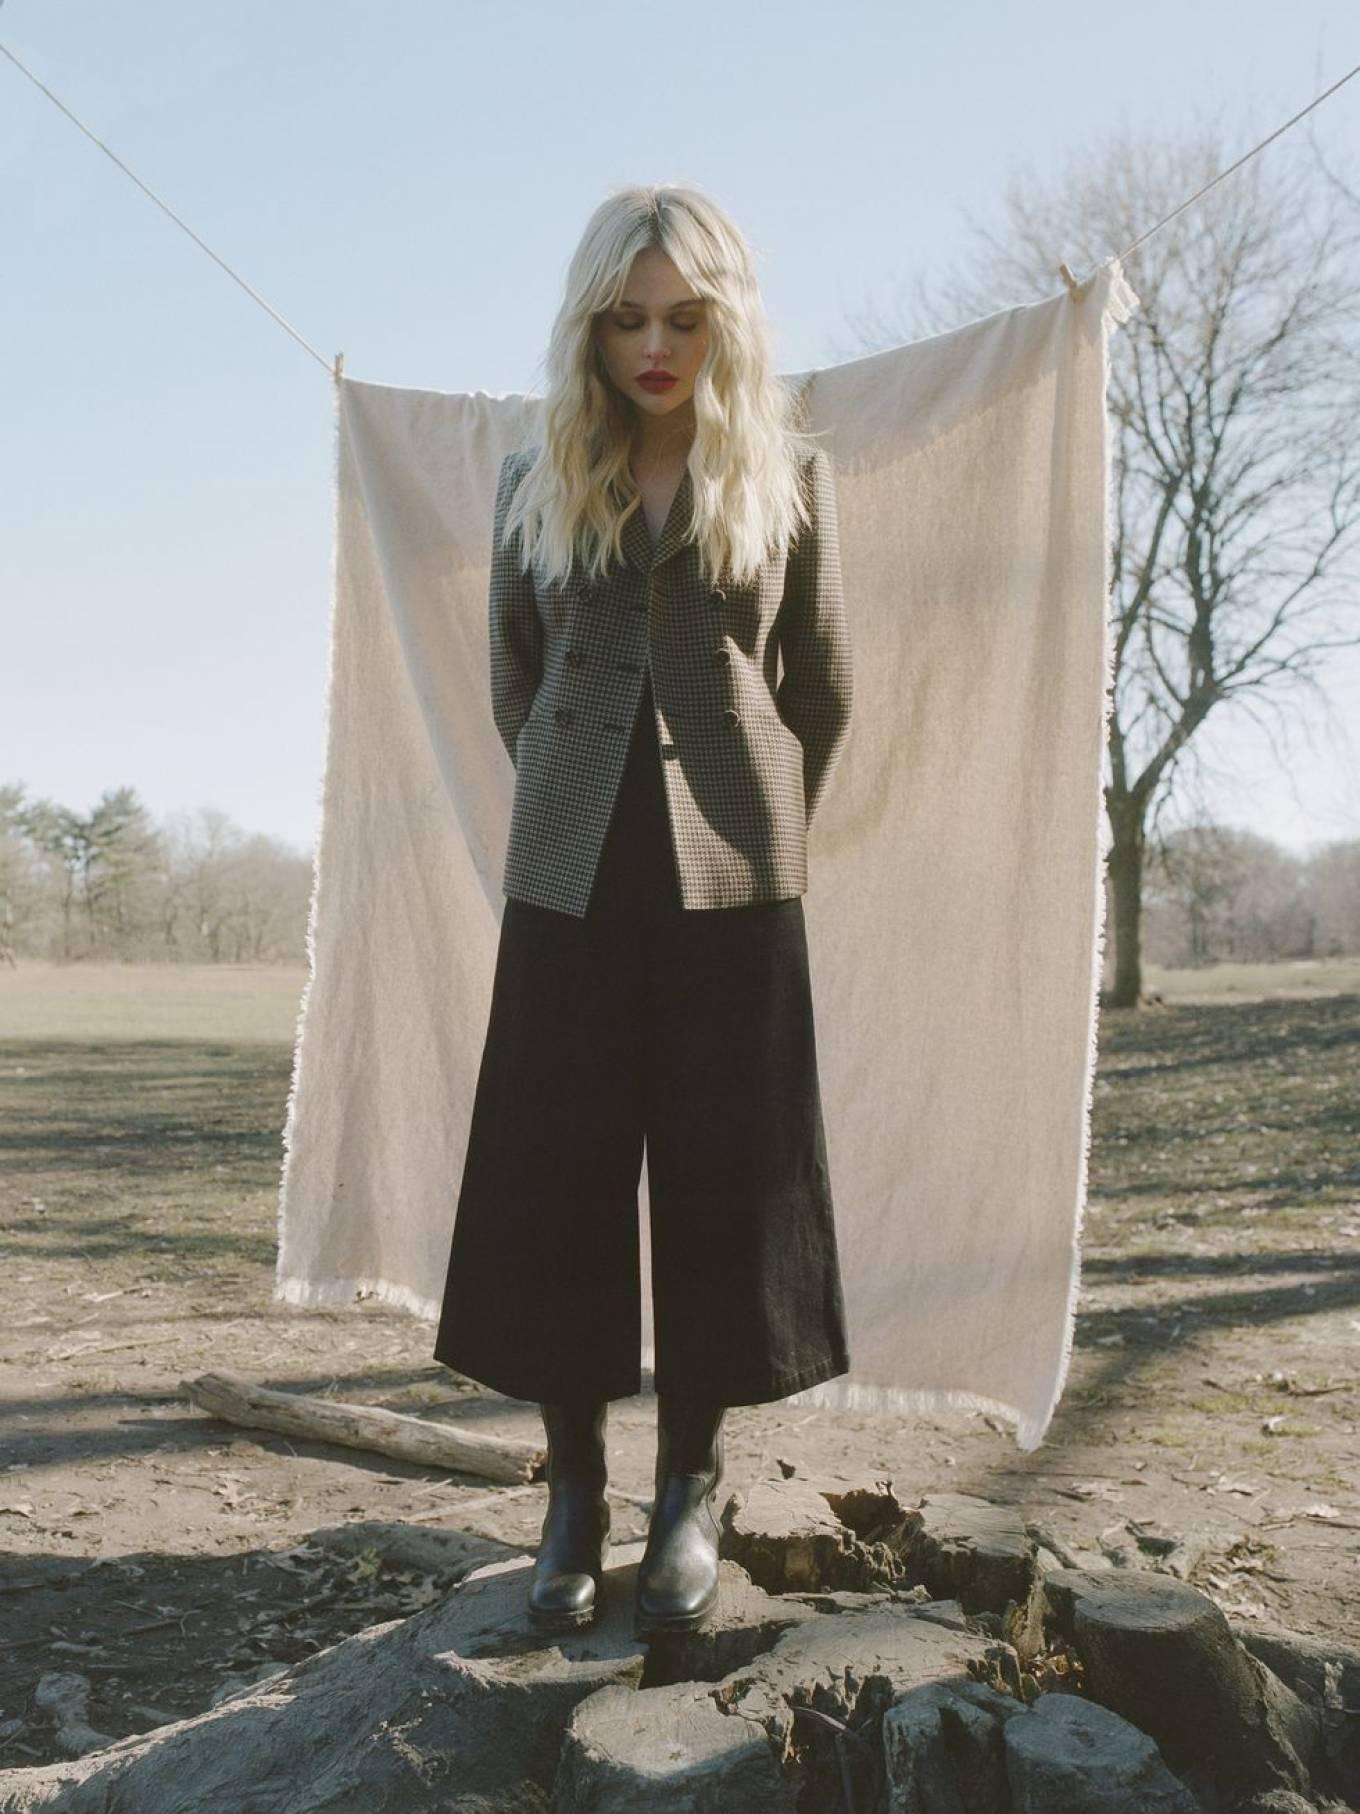 Emily Alyn Lind 2021 : Emily Alyn Lind – Harpers Bazaar (March 2021)-03